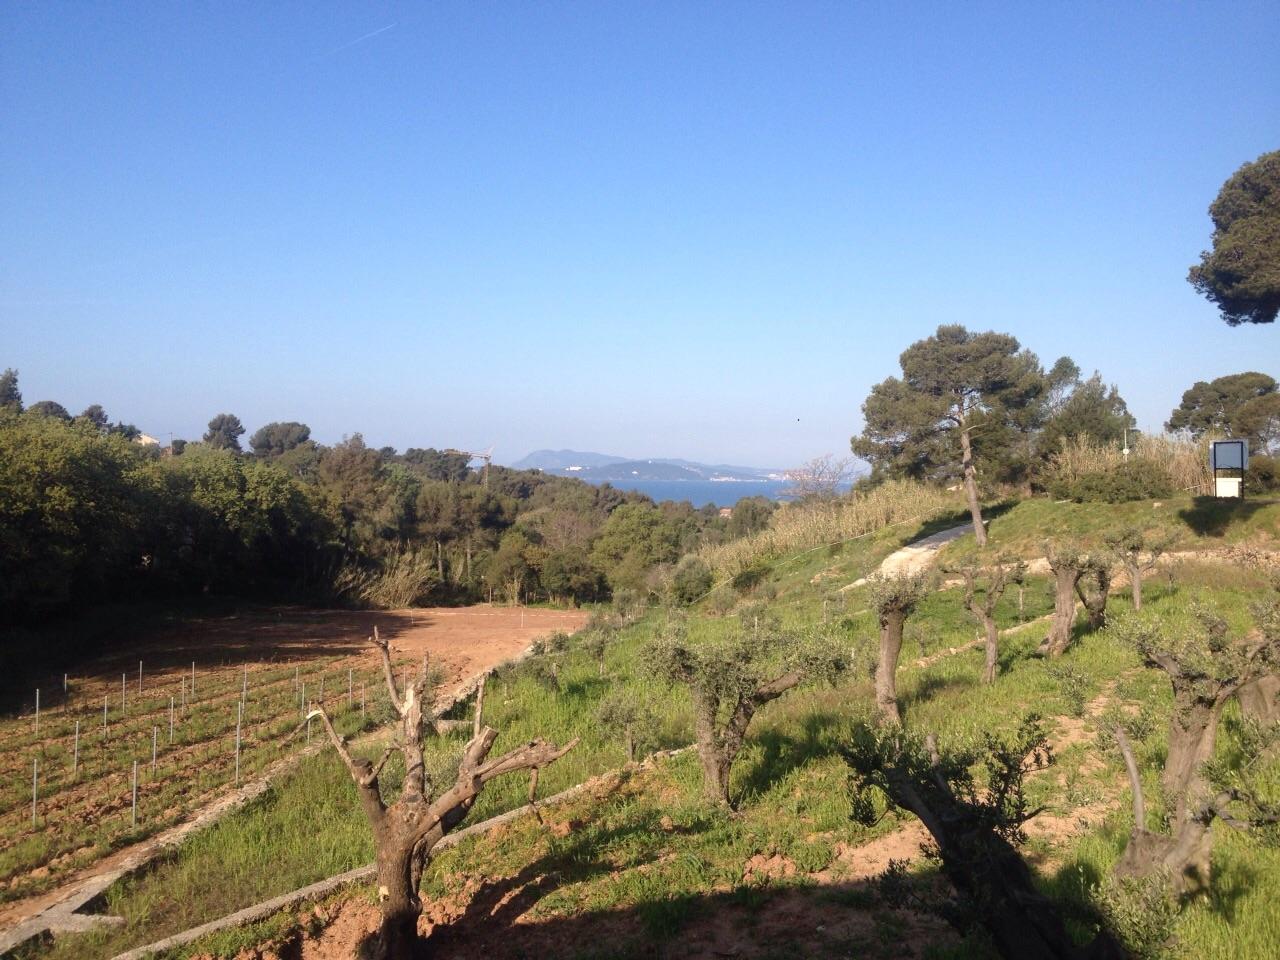 Azienda vinicola La Navicella, parco naturale di Port-Cros, Francia